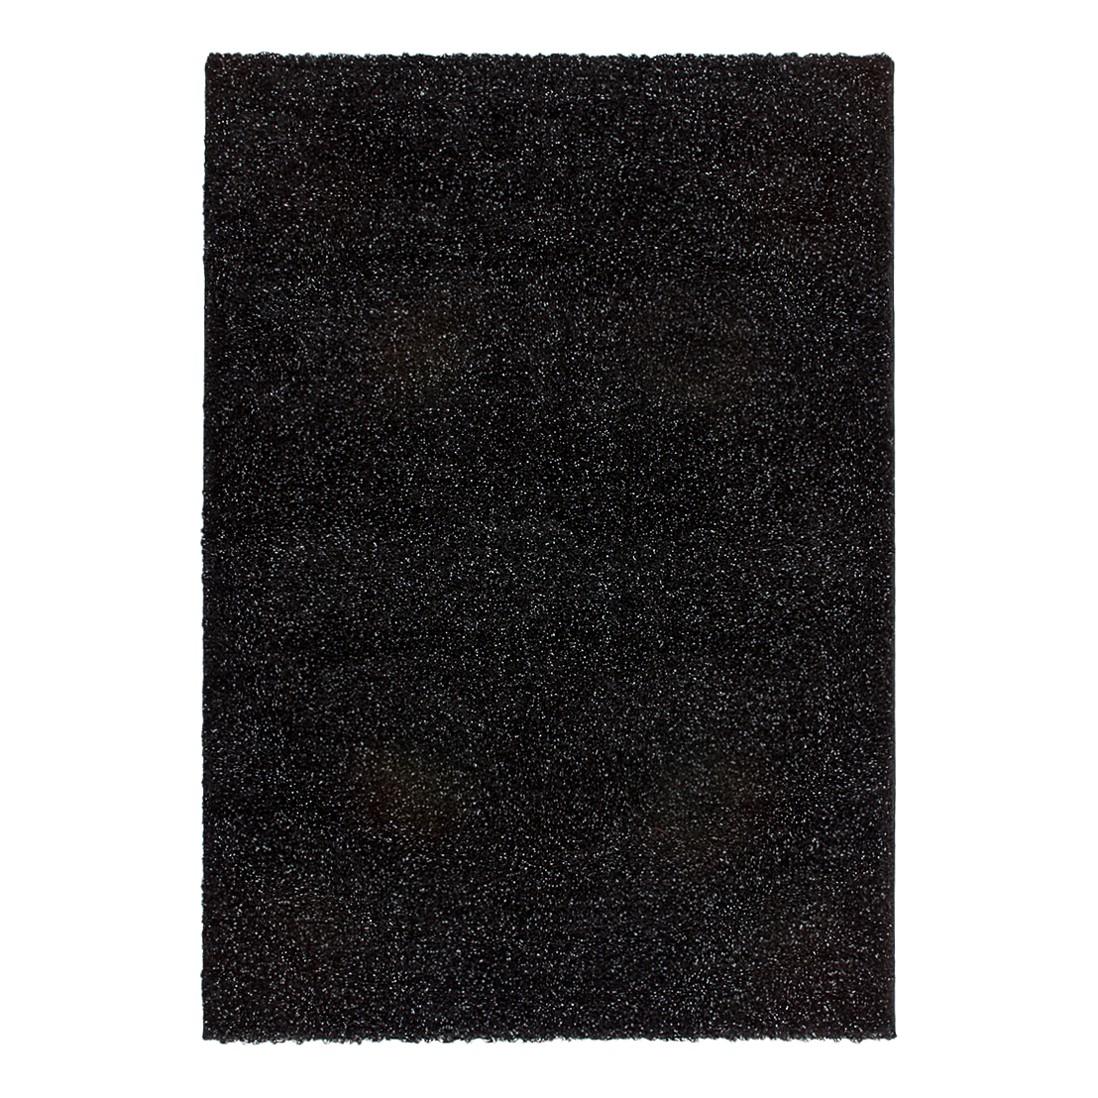 Teppich Angola – Luanda – Schwarz – 80 x 150 cm, Kayoom günstig online kaufen